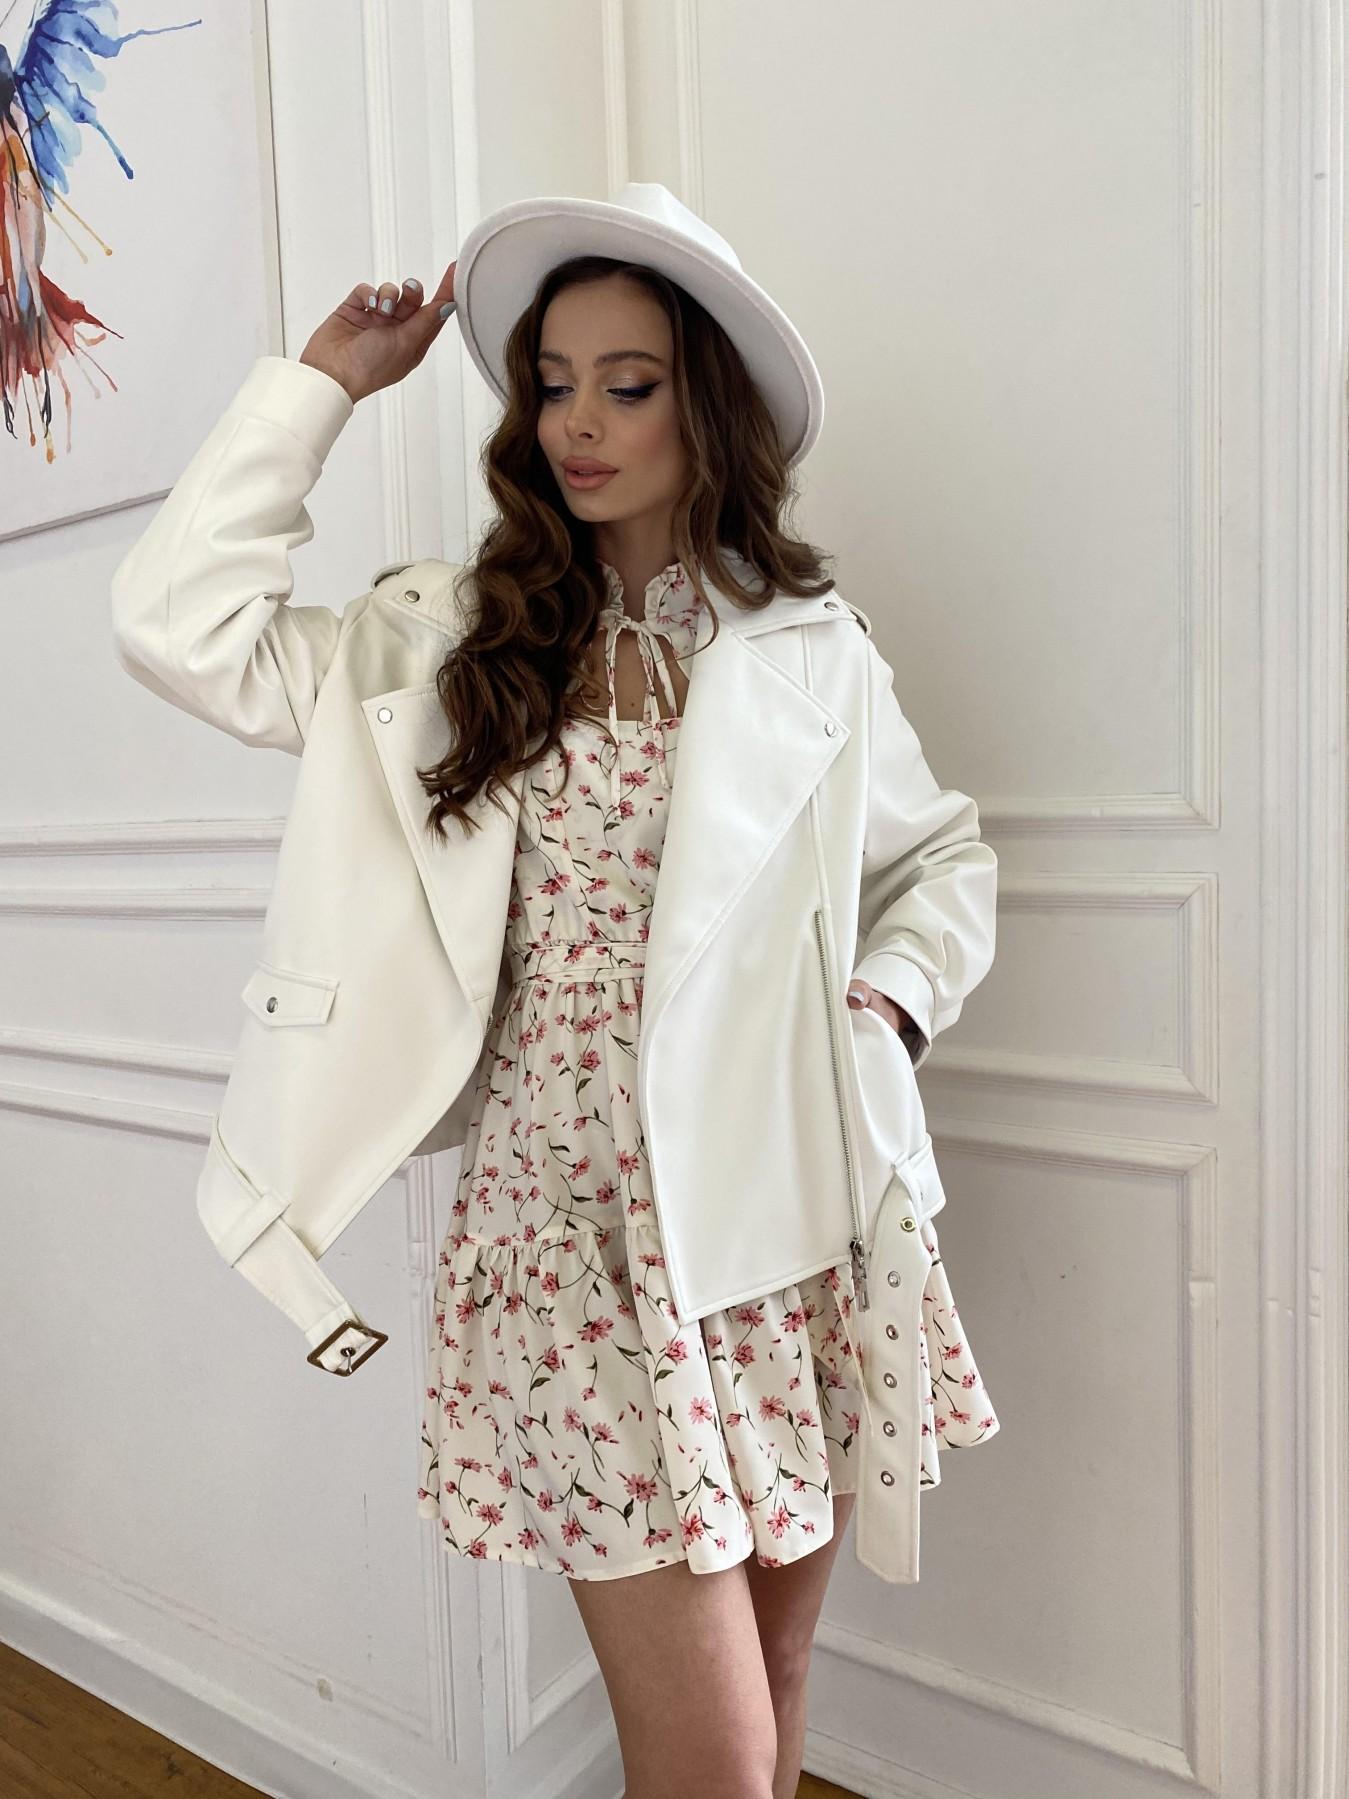 Фора куртка из экокожи прокатанная 11204 АРТ. 47716 Цвет: Молоко - фото 4, интернет магазин tm-modus.ru